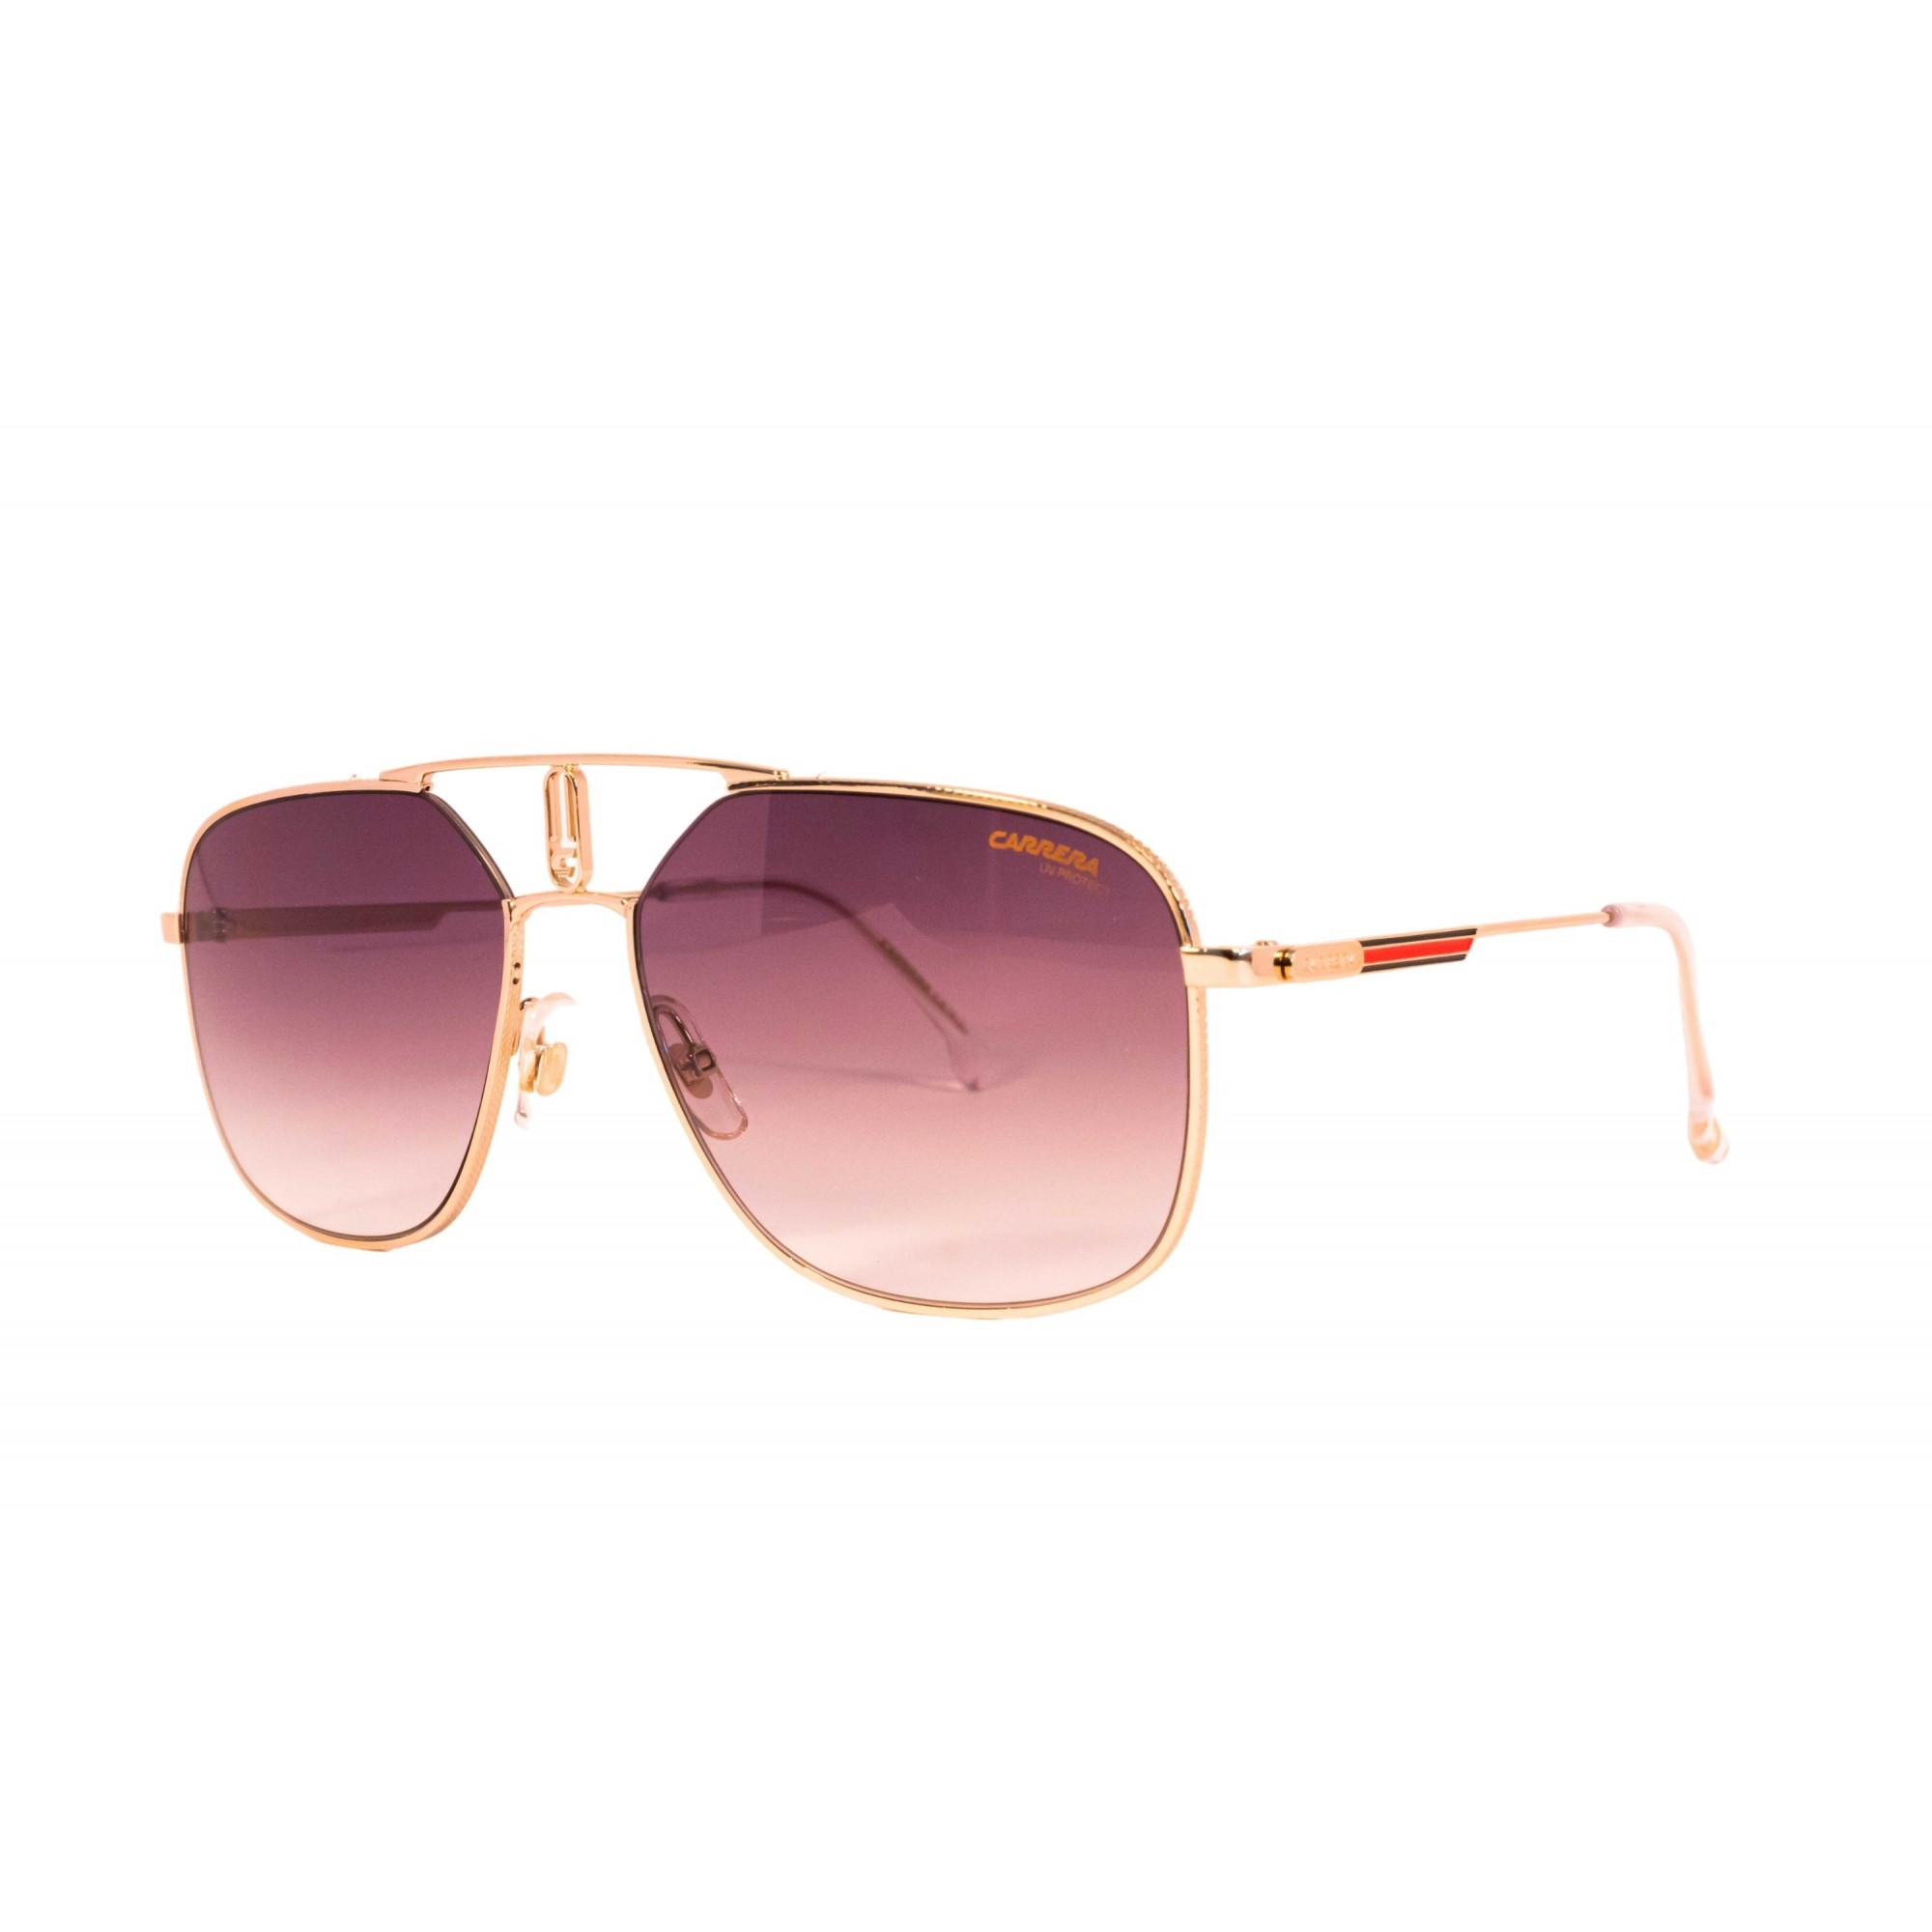 Óculos Carrera Aviador ca1024s ddbjo 59 Dourado